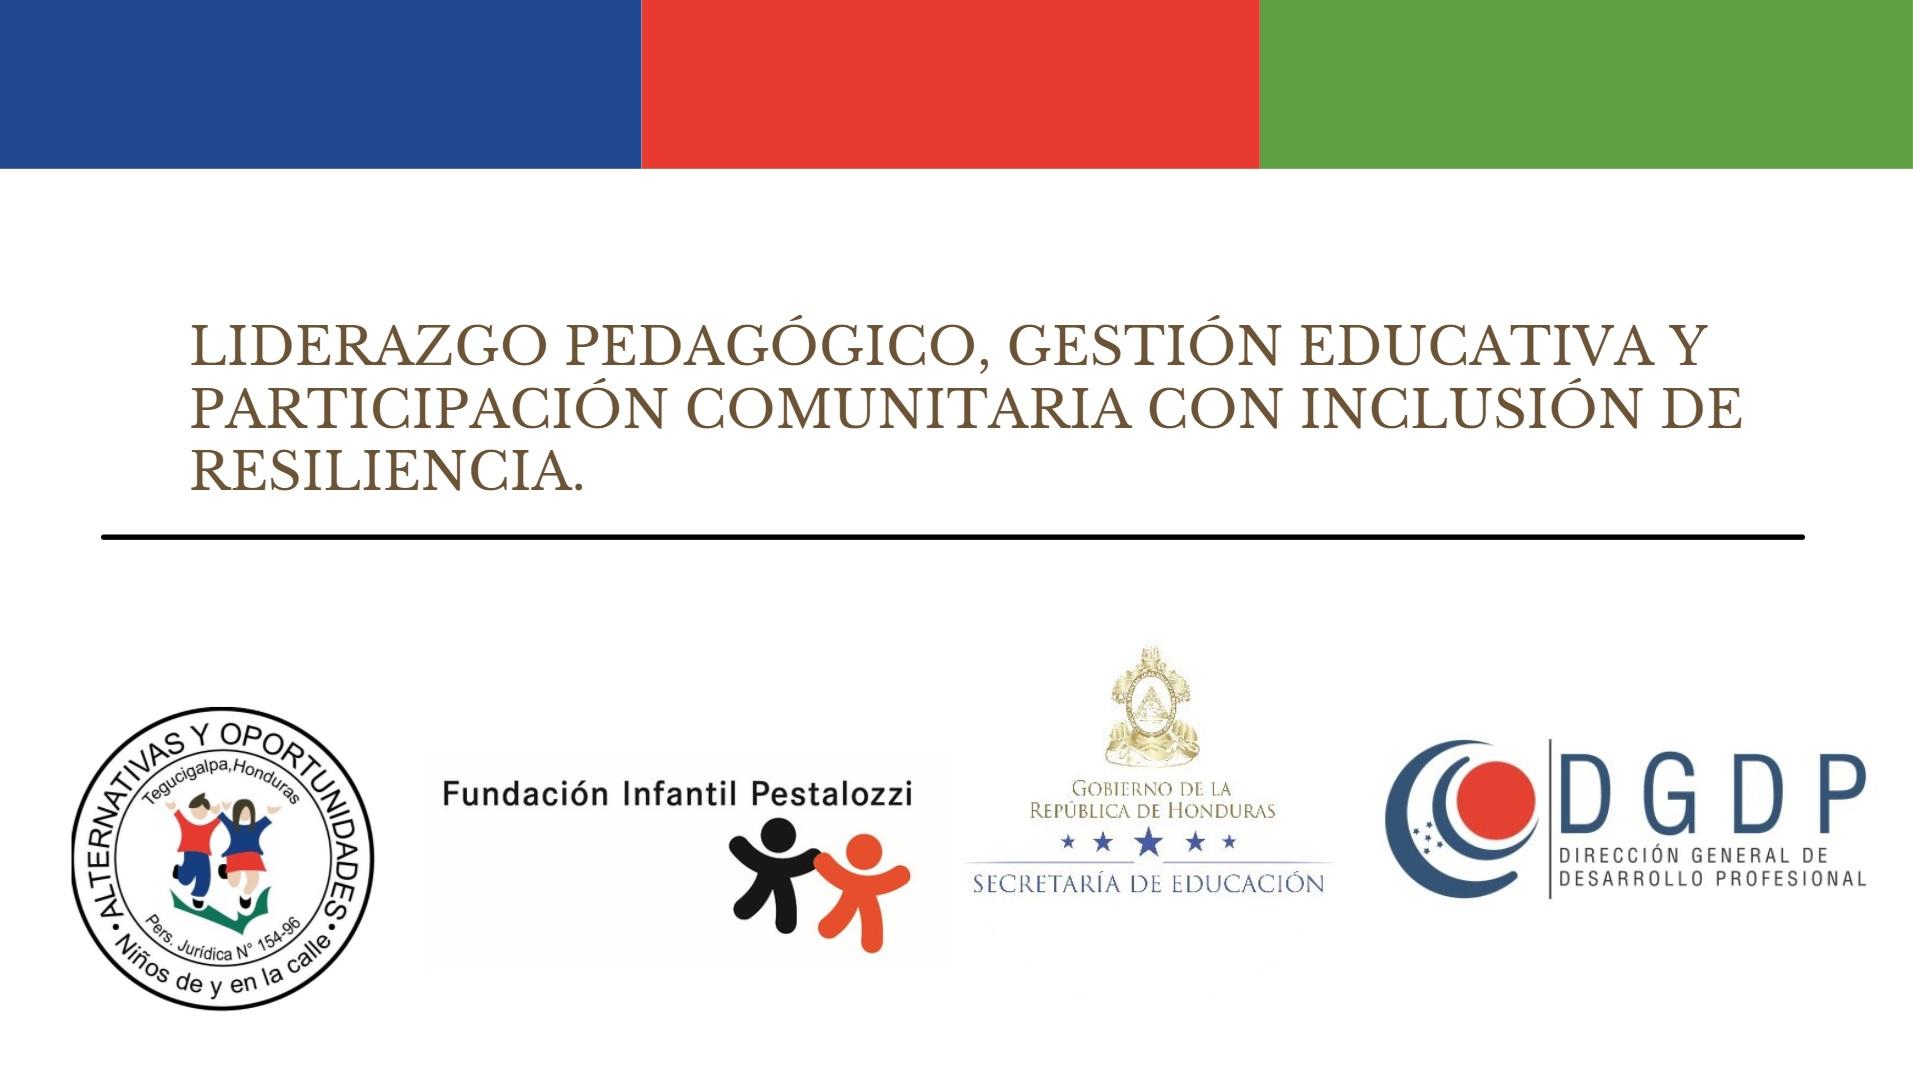 Liderazgo Pedagógico, Gestión Educativa y Participación Comunitaria con inclusión de Resiliencia